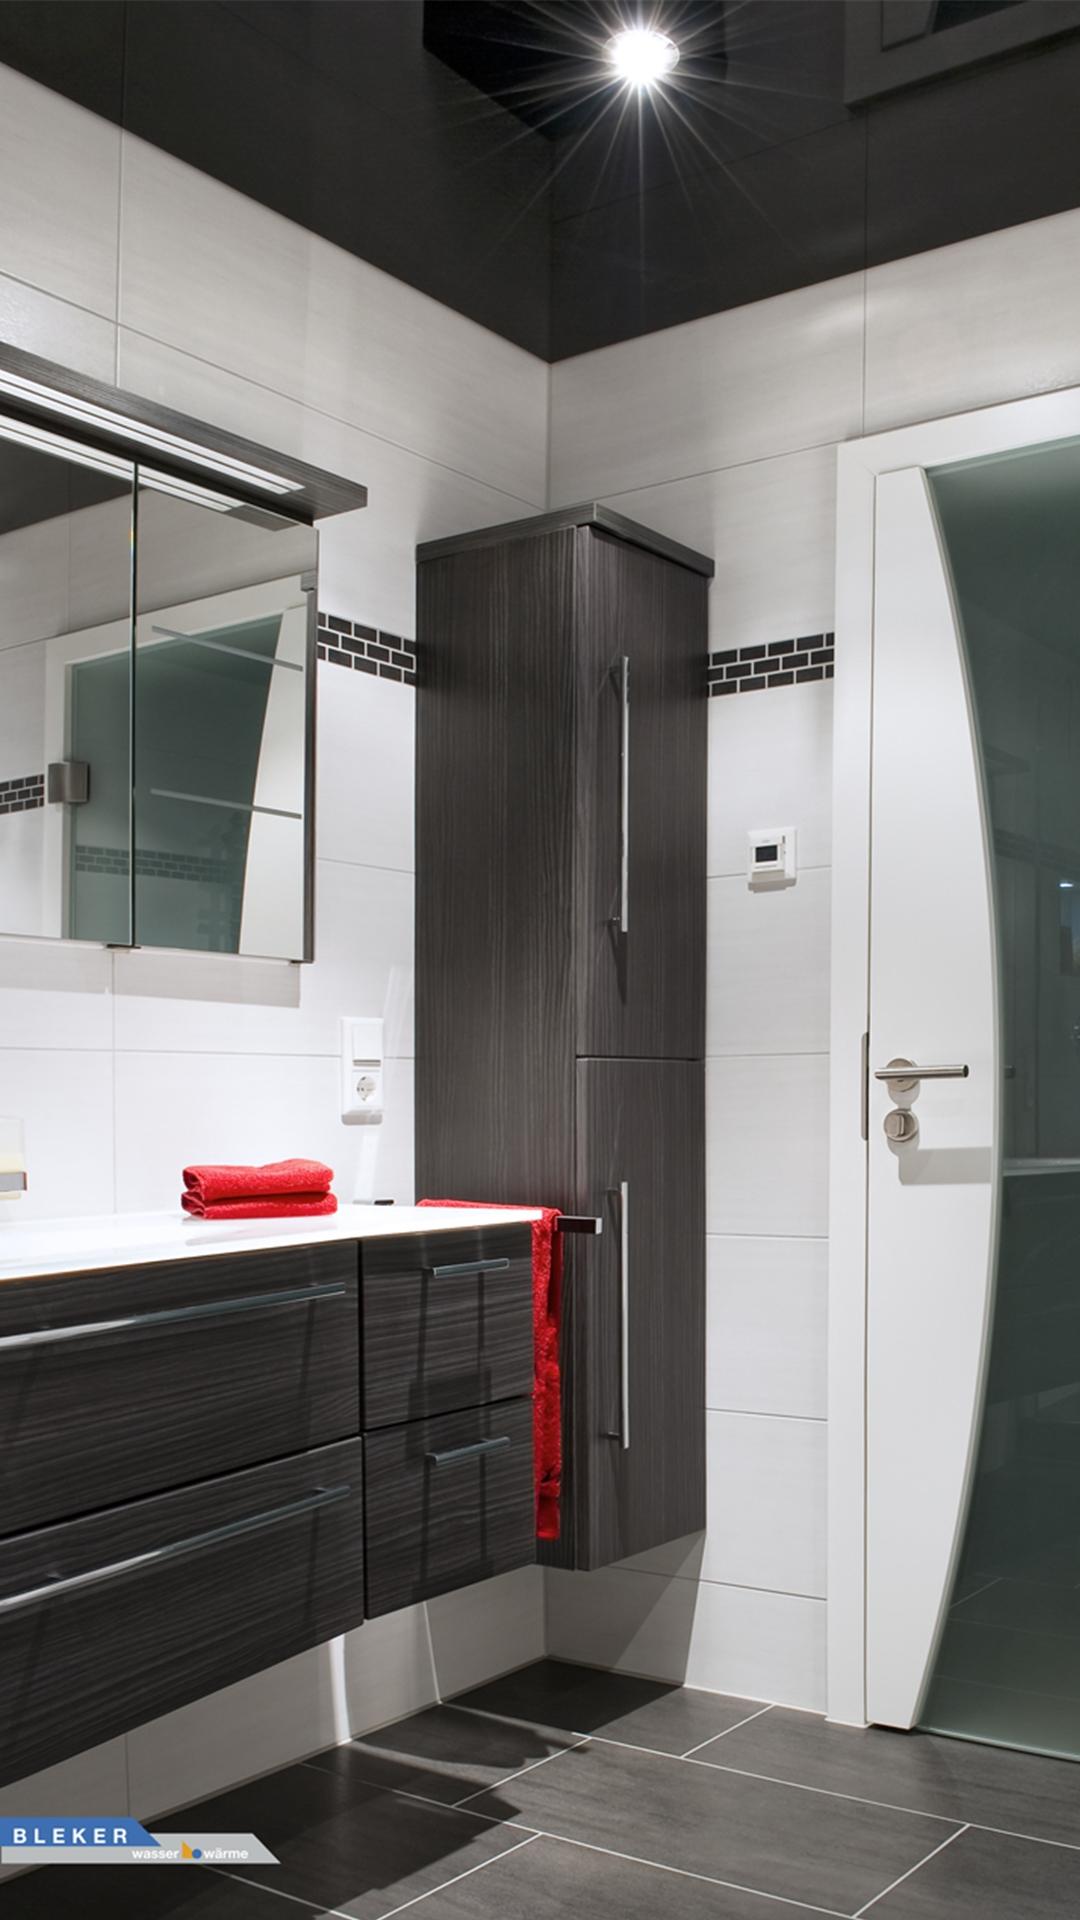 Badezimmer in schwarz weiss mit roten Handtüchern